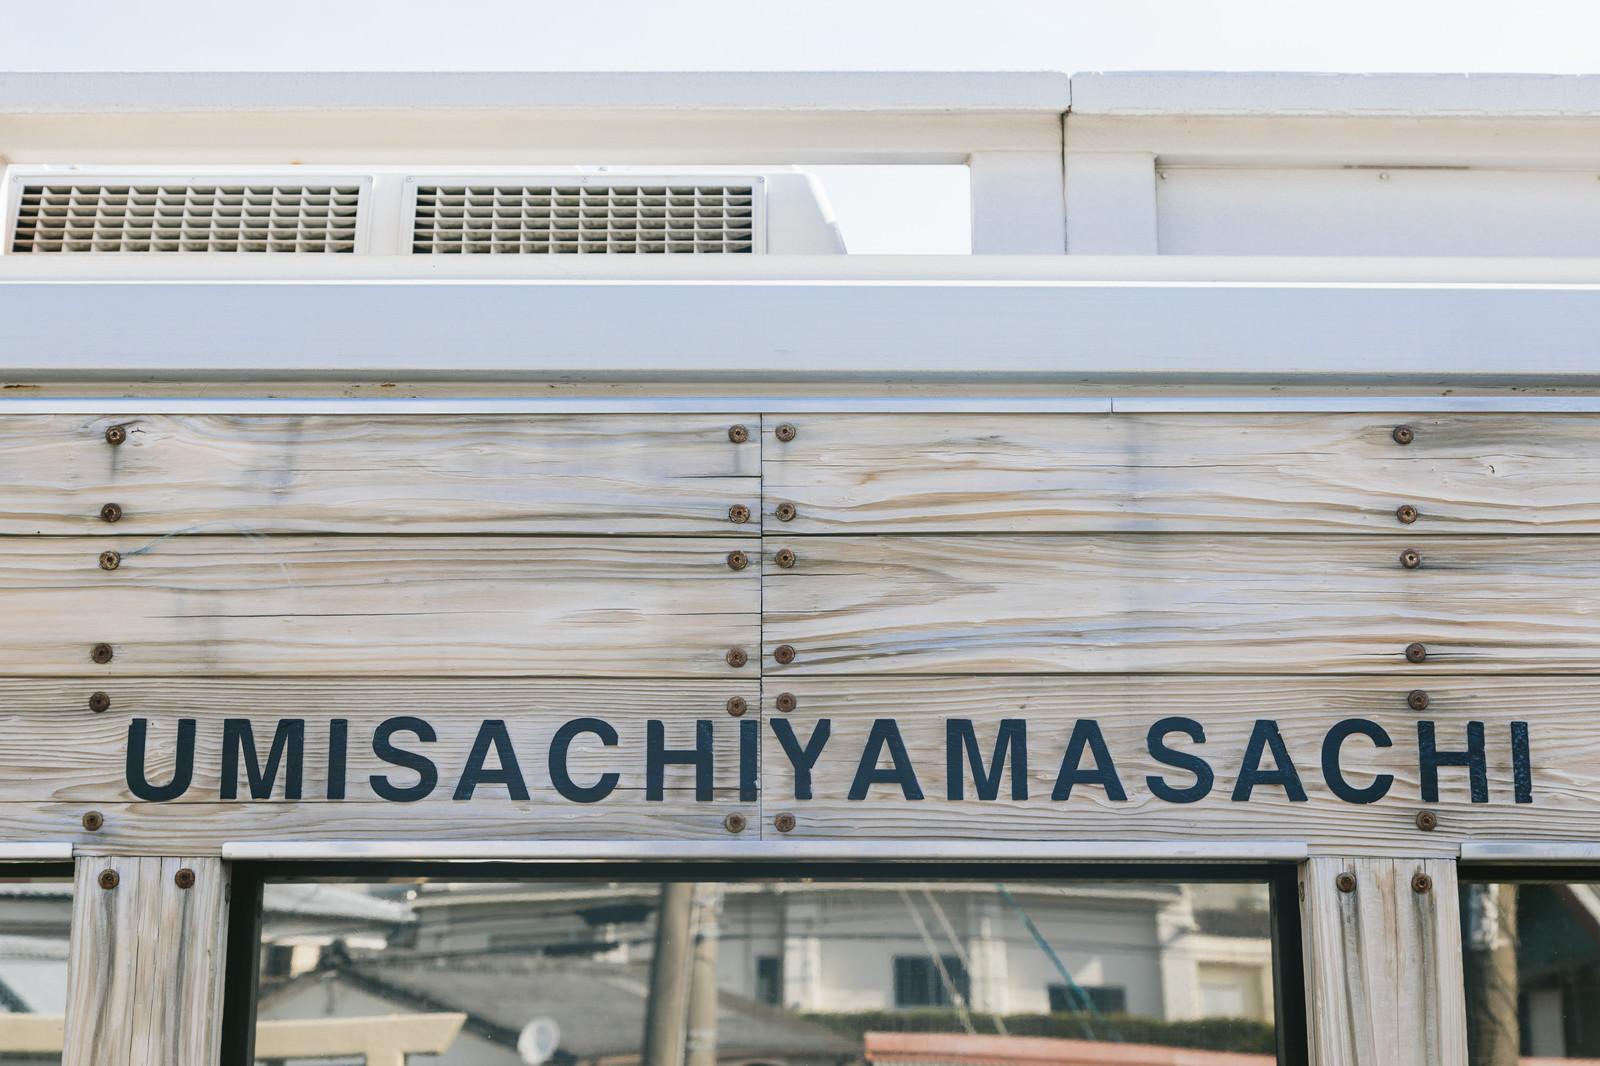 「飫肥杉の板に書かれた海幸山幸(UMISACHIYAMASACHI)」の写真